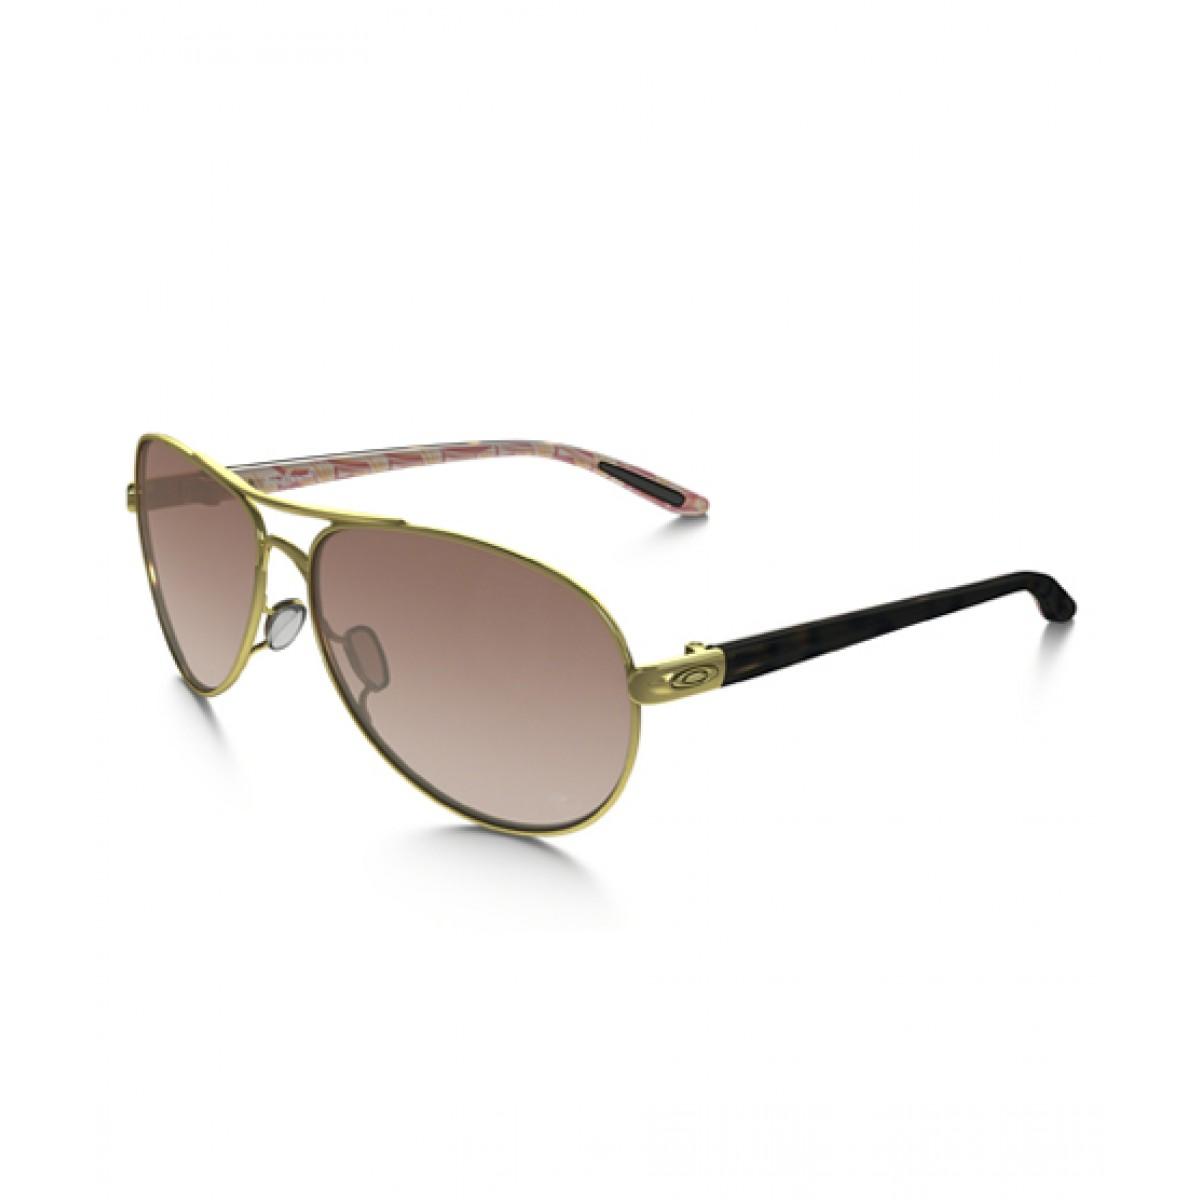 fc4aca5f4fb3d Oakley Womens Non-Polarized Sunglasses Price in Pakistan